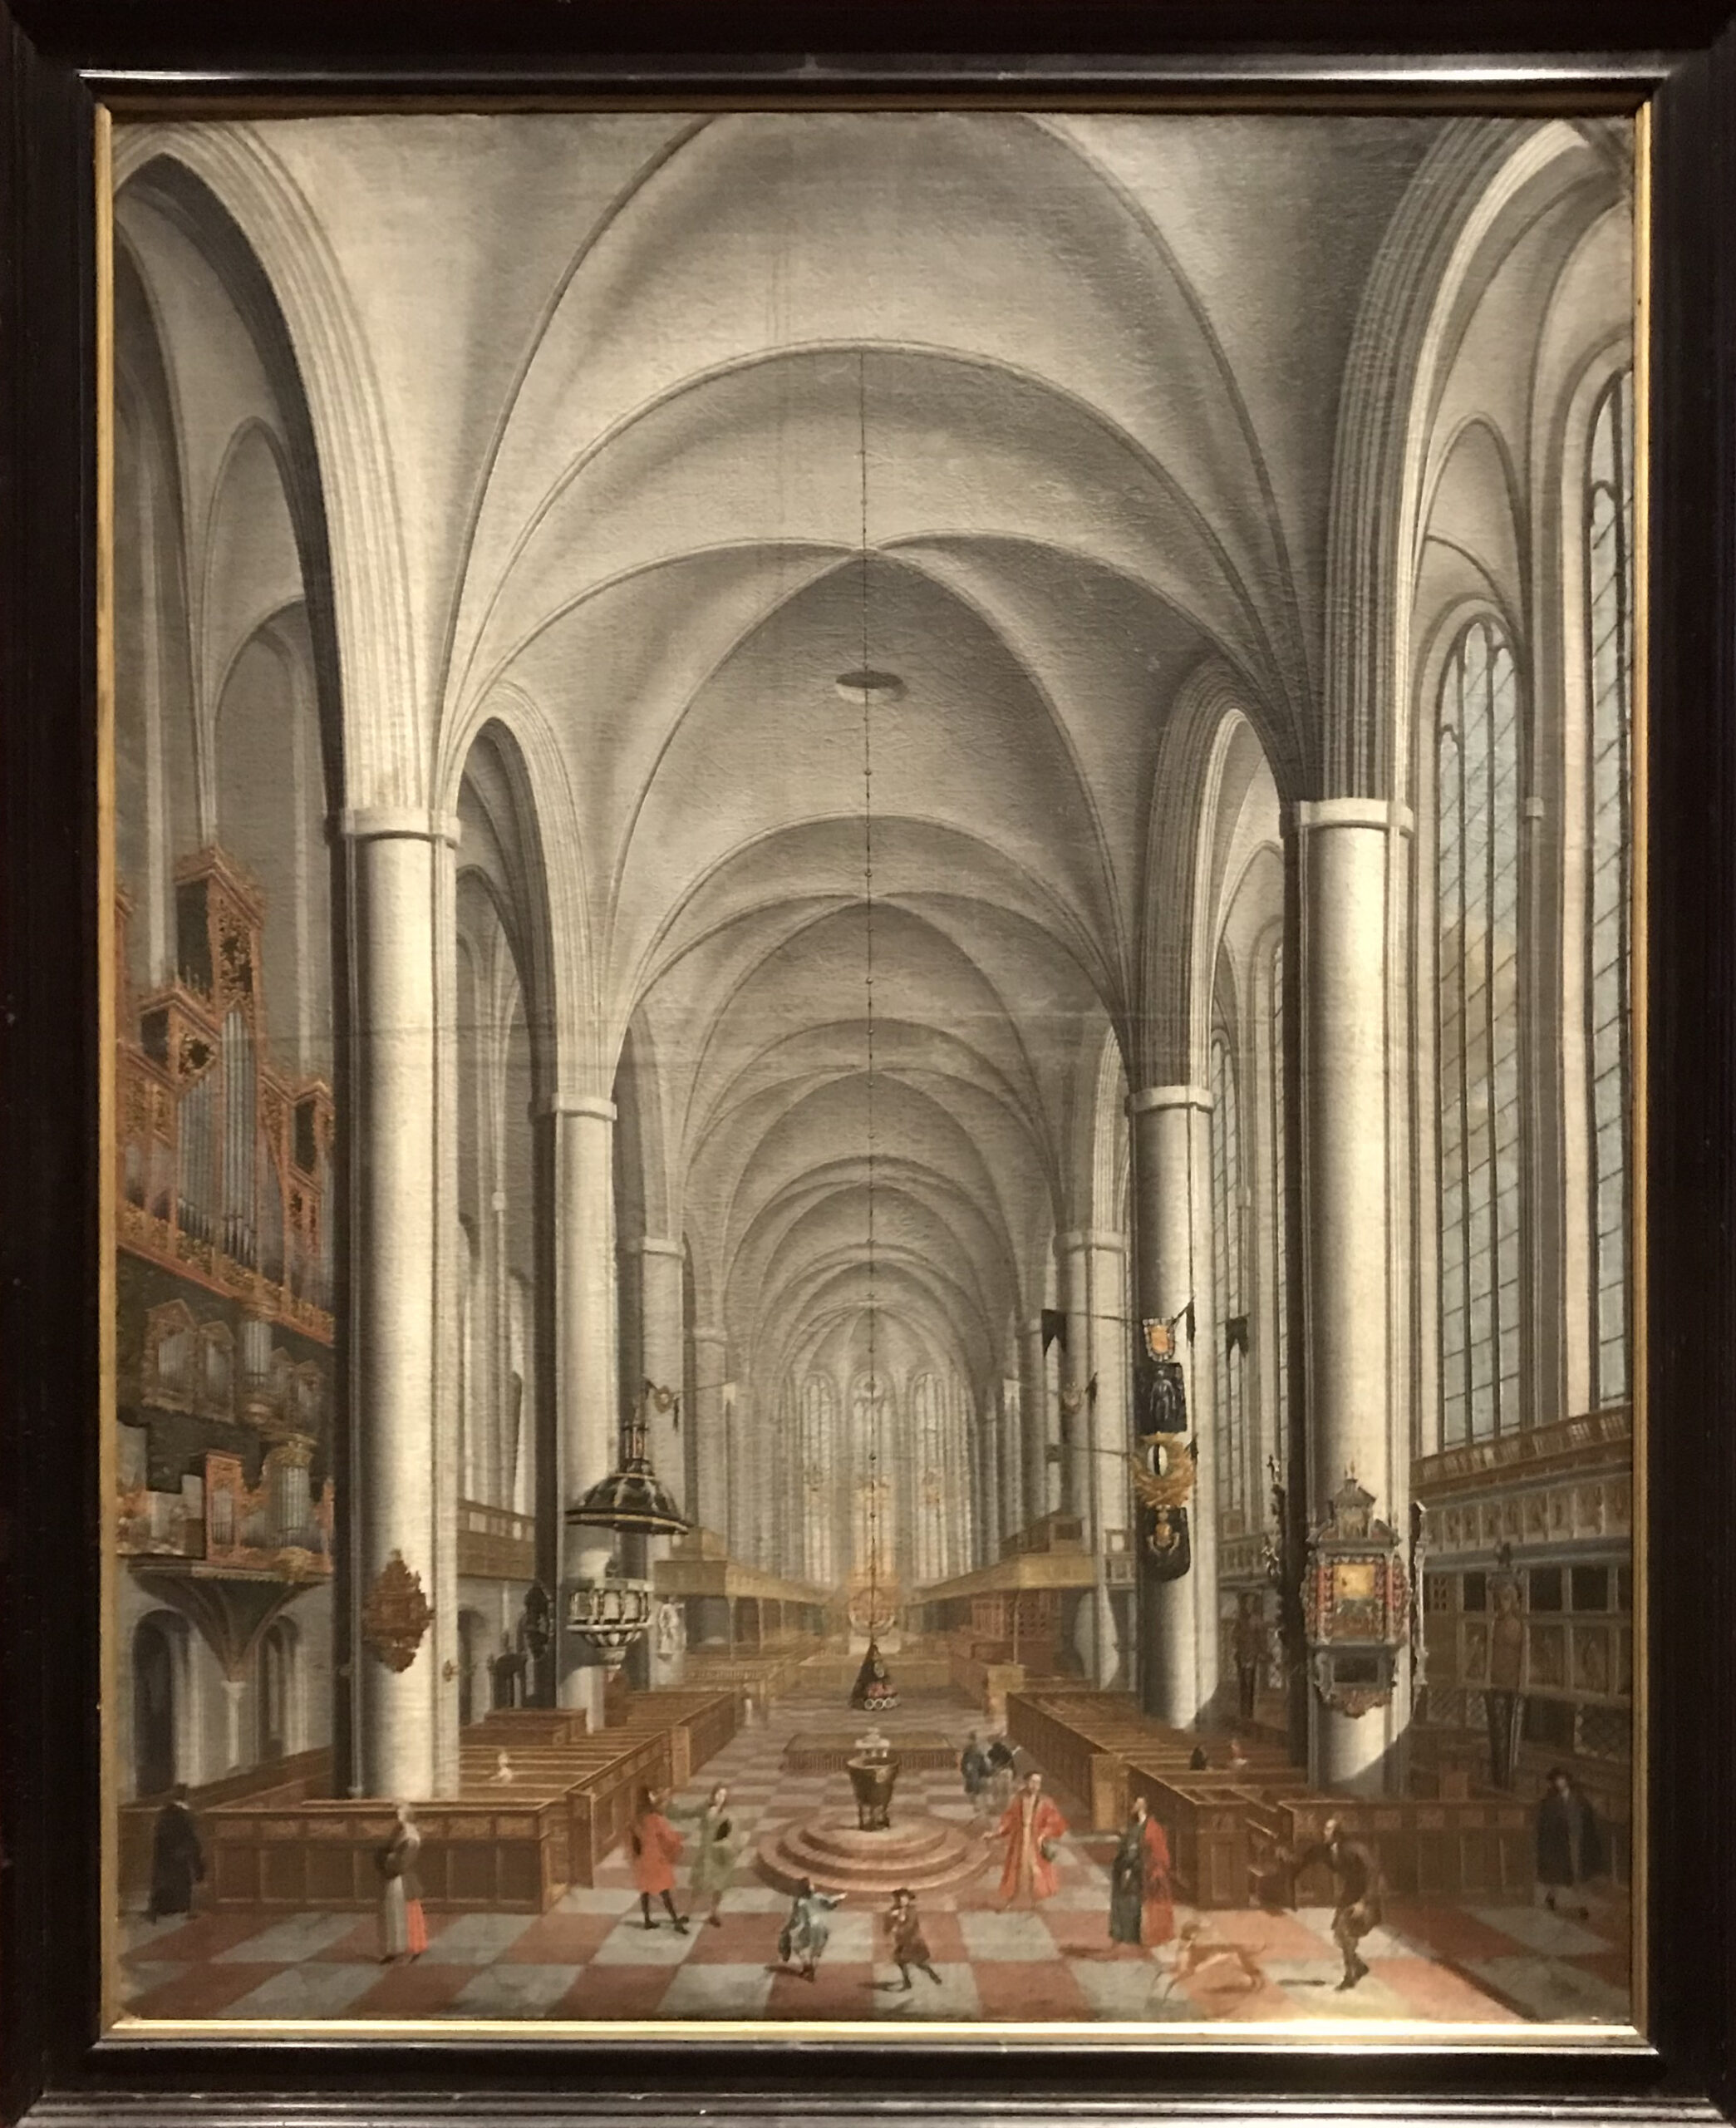 Das Kicheninnere von St. Michaelis, Lüneburg. Gemälde von Joachim Burmester um 1700 © Dahmen